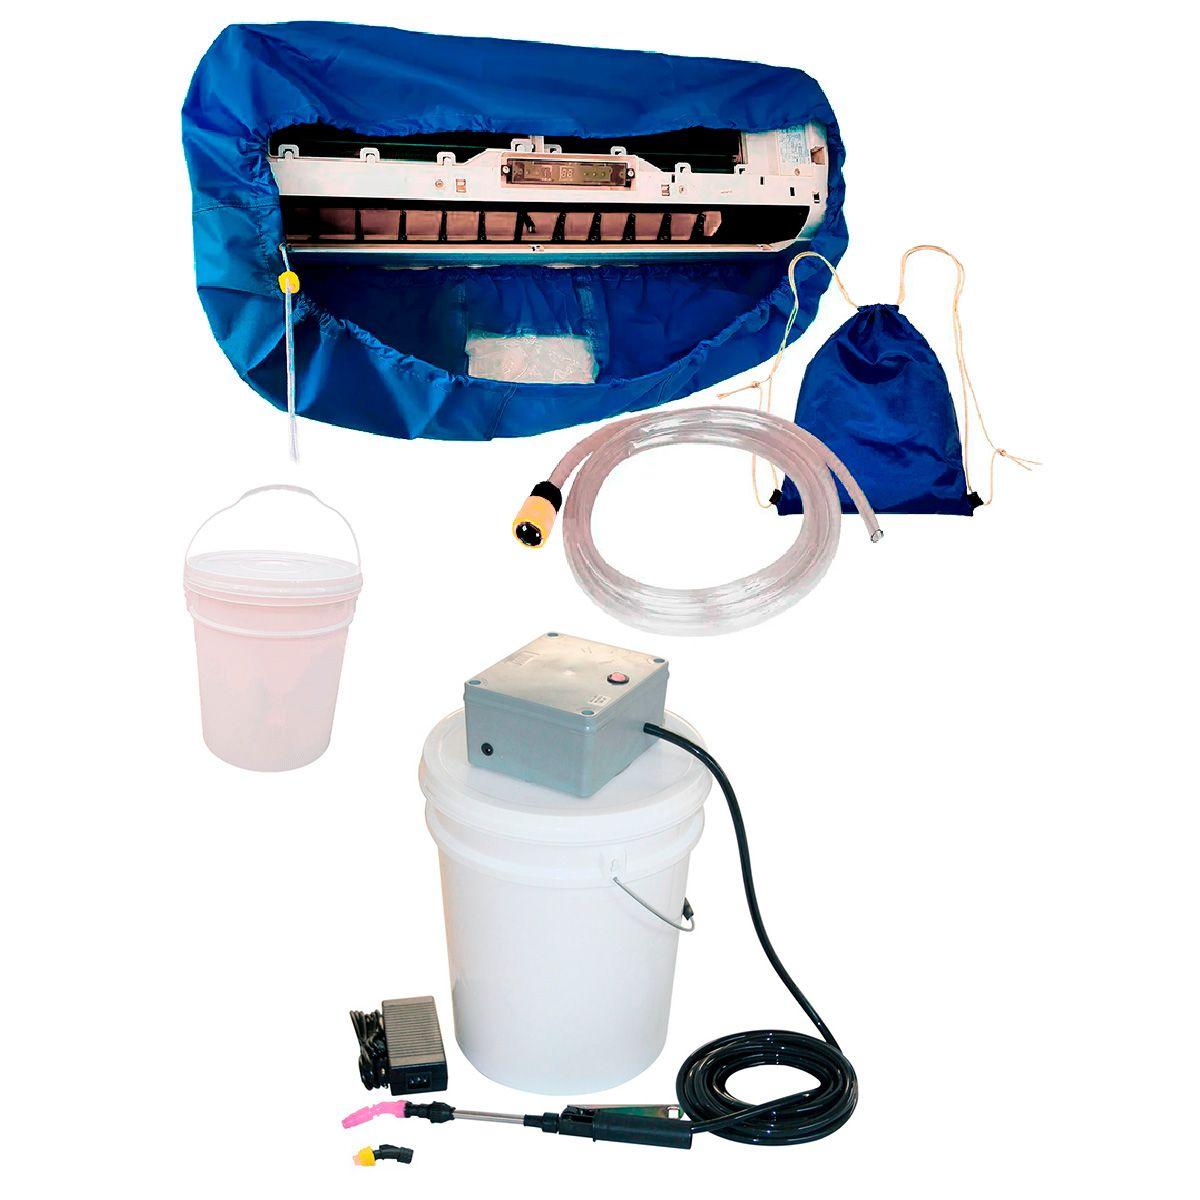 Lavadora Elétrica 18L 100 PSI Caixa Proteção + Bolsa Coletora Até 12000 BTUS + Balde de Plástico 18L